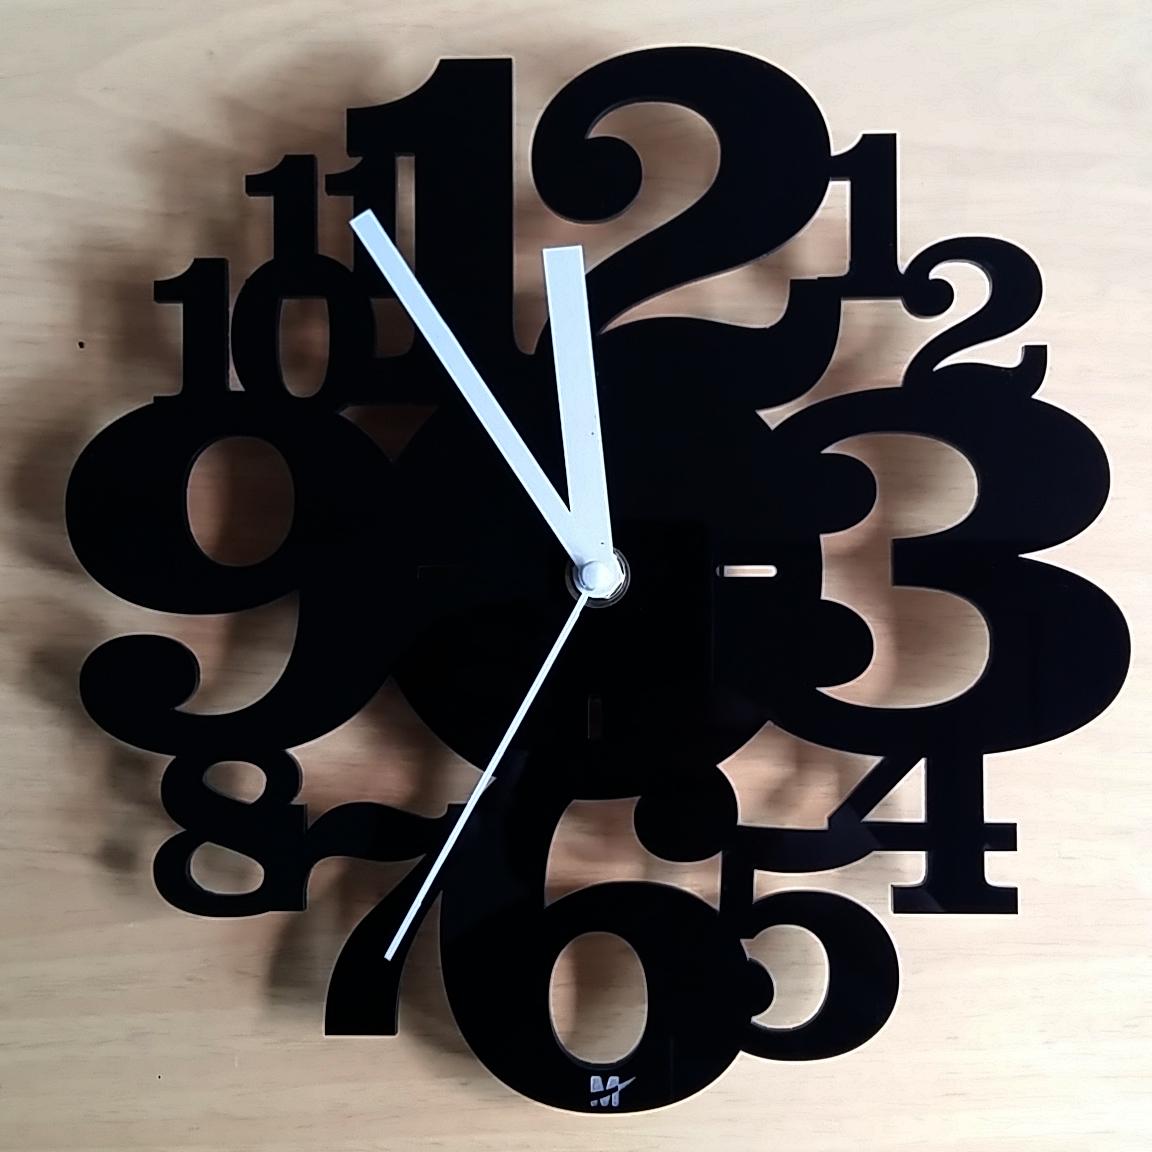 Membuat Jam Dinding Unik dari Acrylic - sign.co.id 24eb54a41d